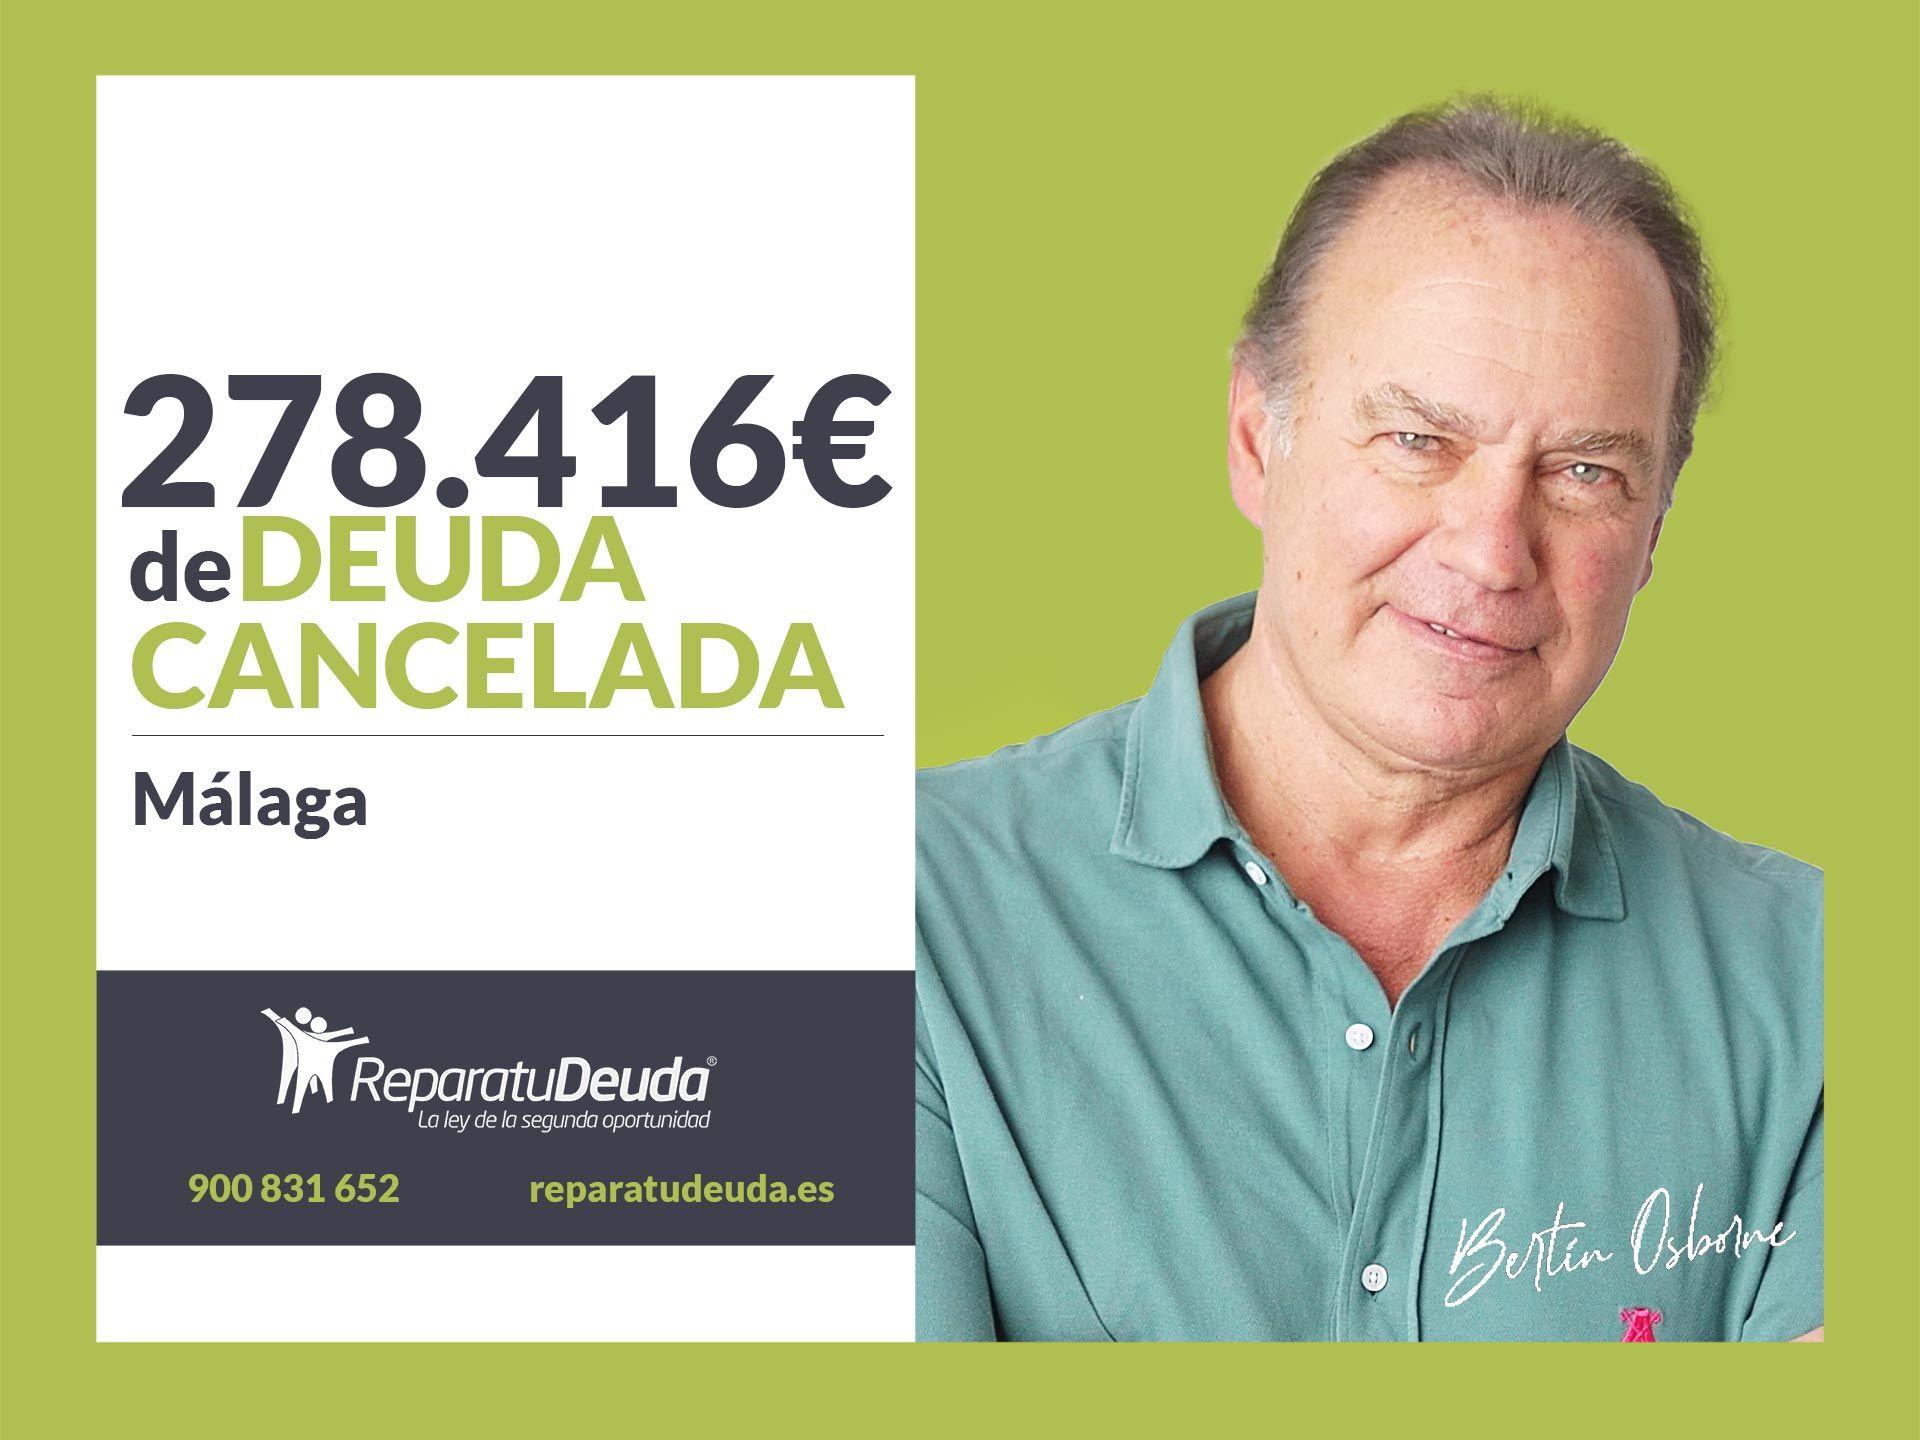 Repara tu Deuda Abogados cancela 278.416€ en Málaga (Andalucía) con la Ley de Segunda Oportunidad